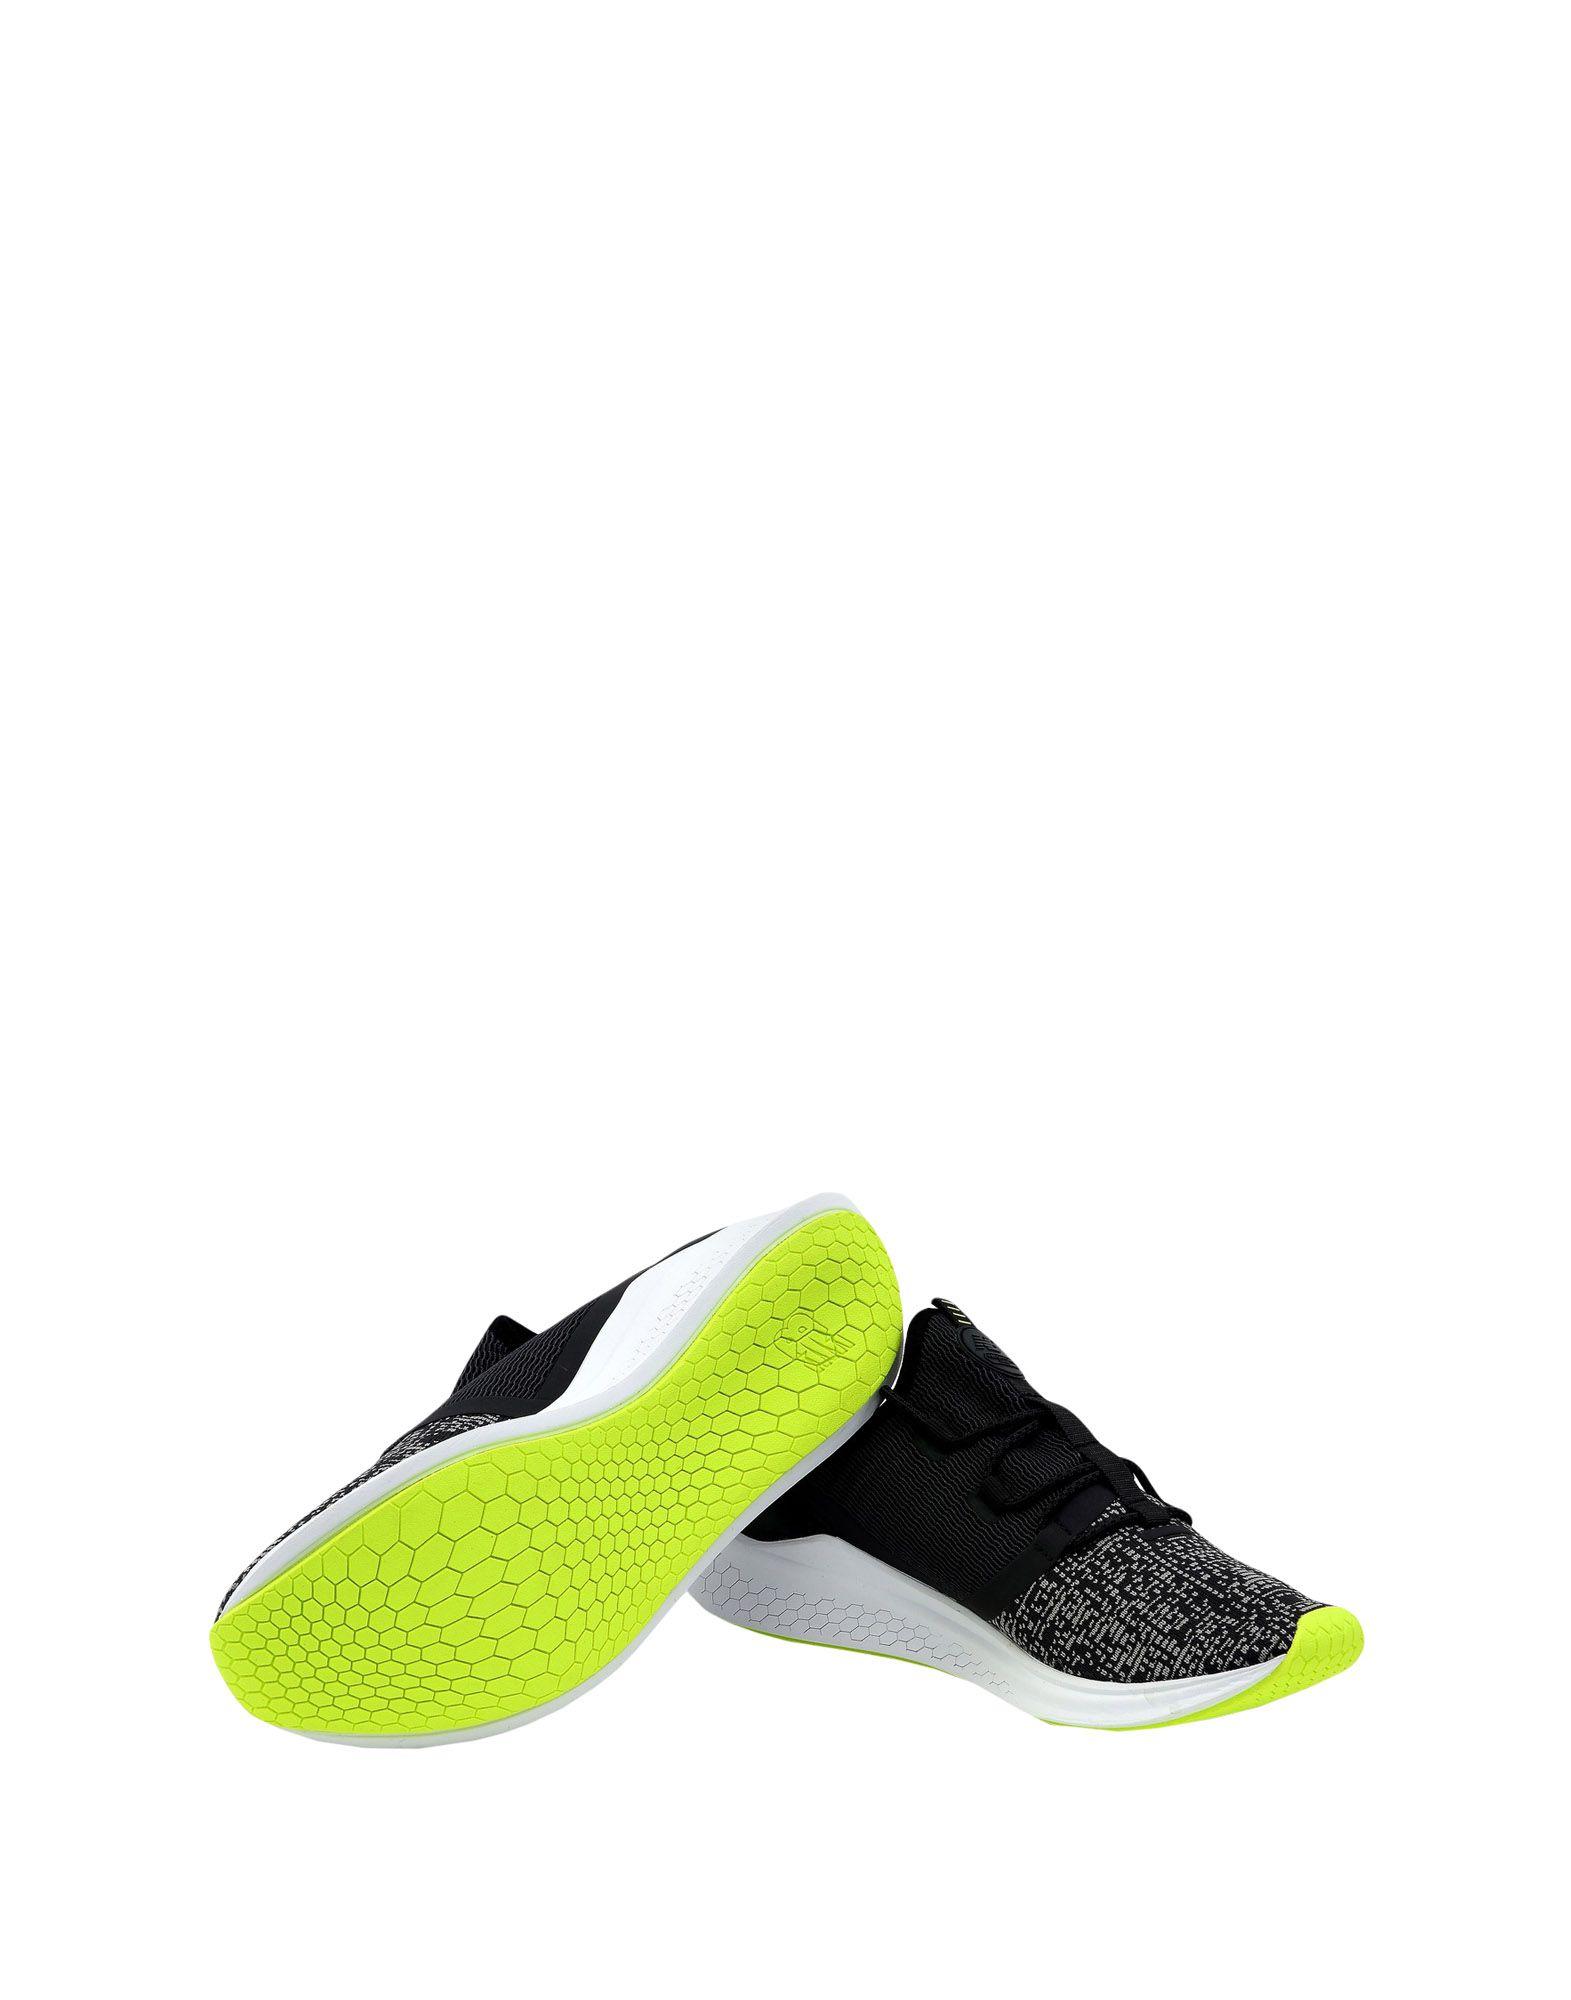 New Balance Fresh Foam Foam Fresh Lazr Sport  11470666KK Heiße Schuhe 57a23e